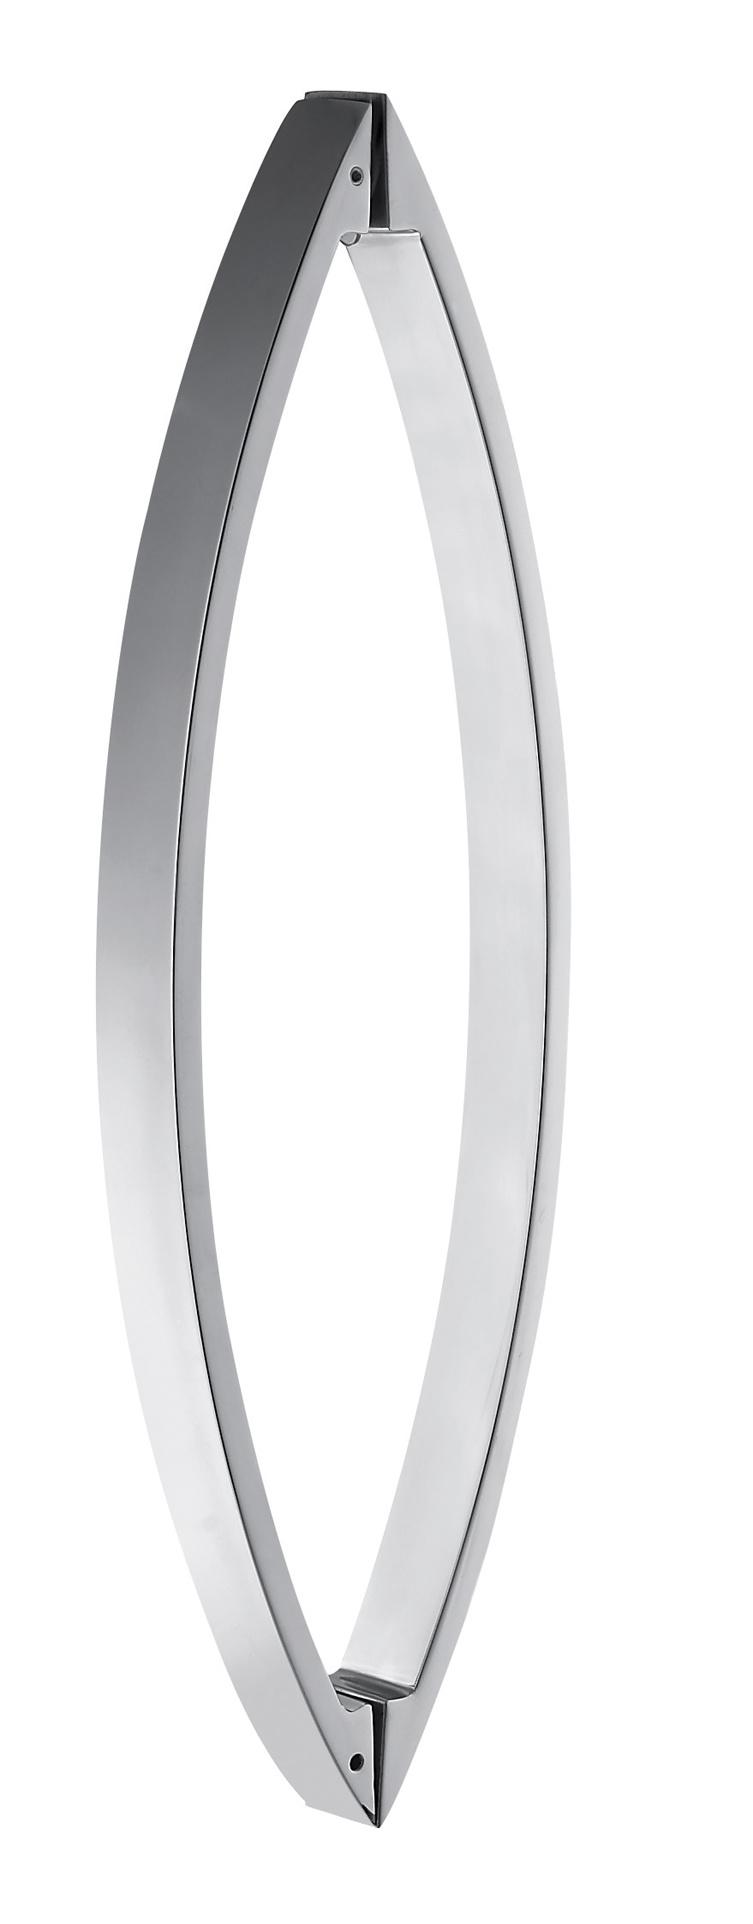 China Stainless Steel Hardware Pivot Shower Door With Door